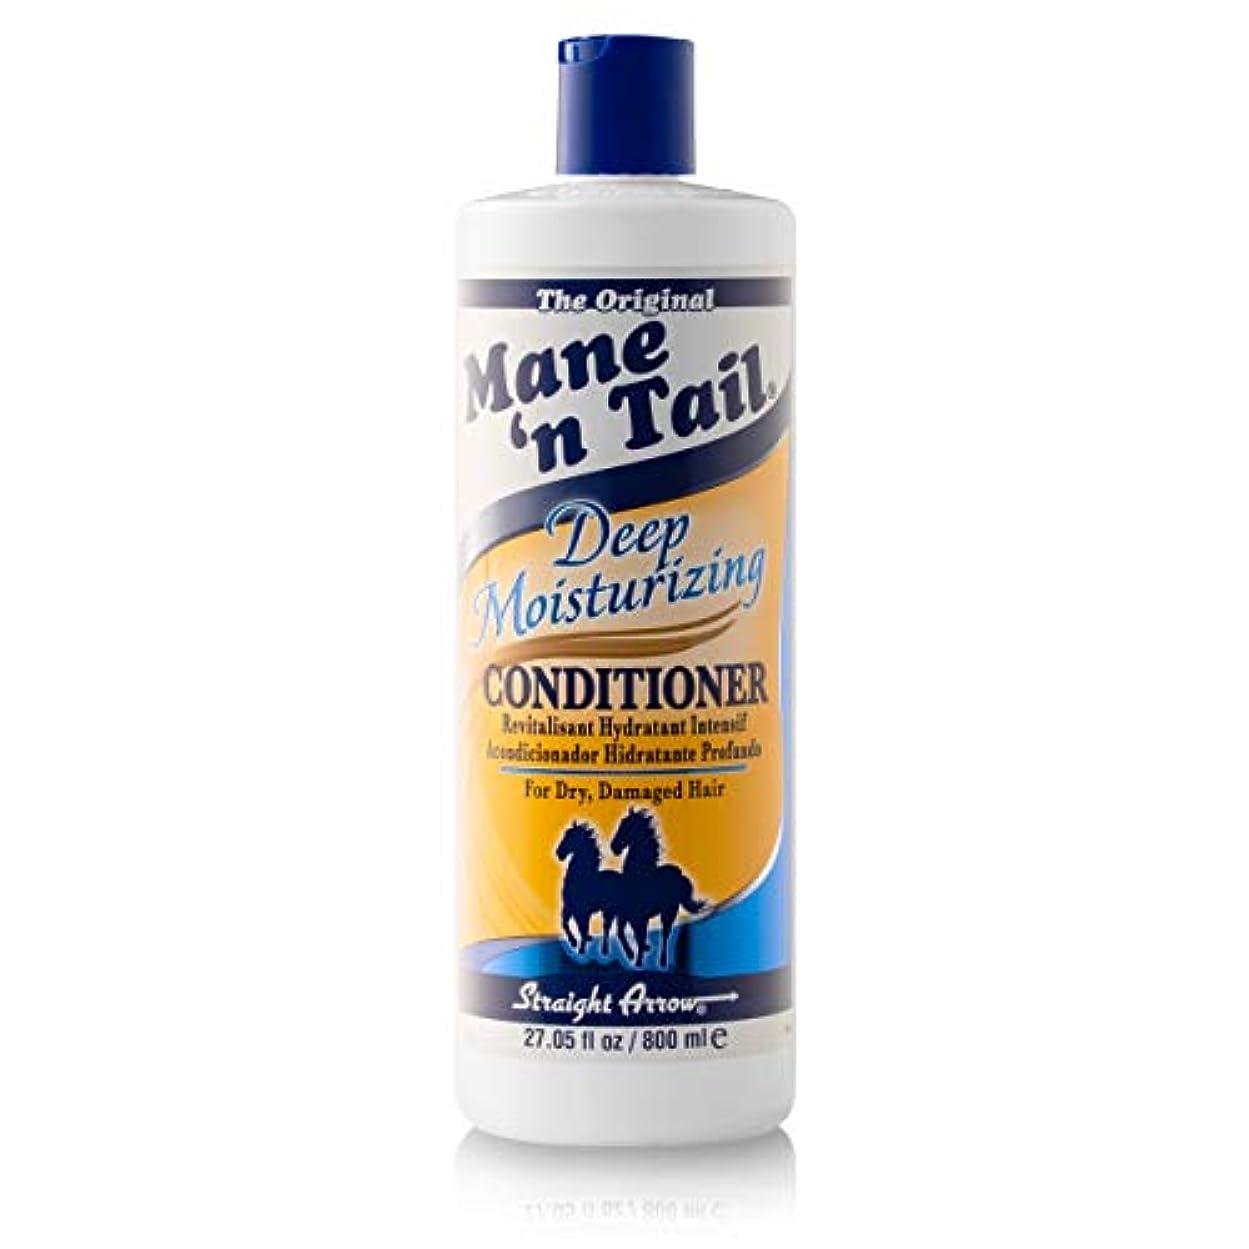 契約するシャンパン征服者Mane 'n Tail 乾燥してダメージヘア27.05オンスを復元するために、ディープモイスチャライジングコンディショナー